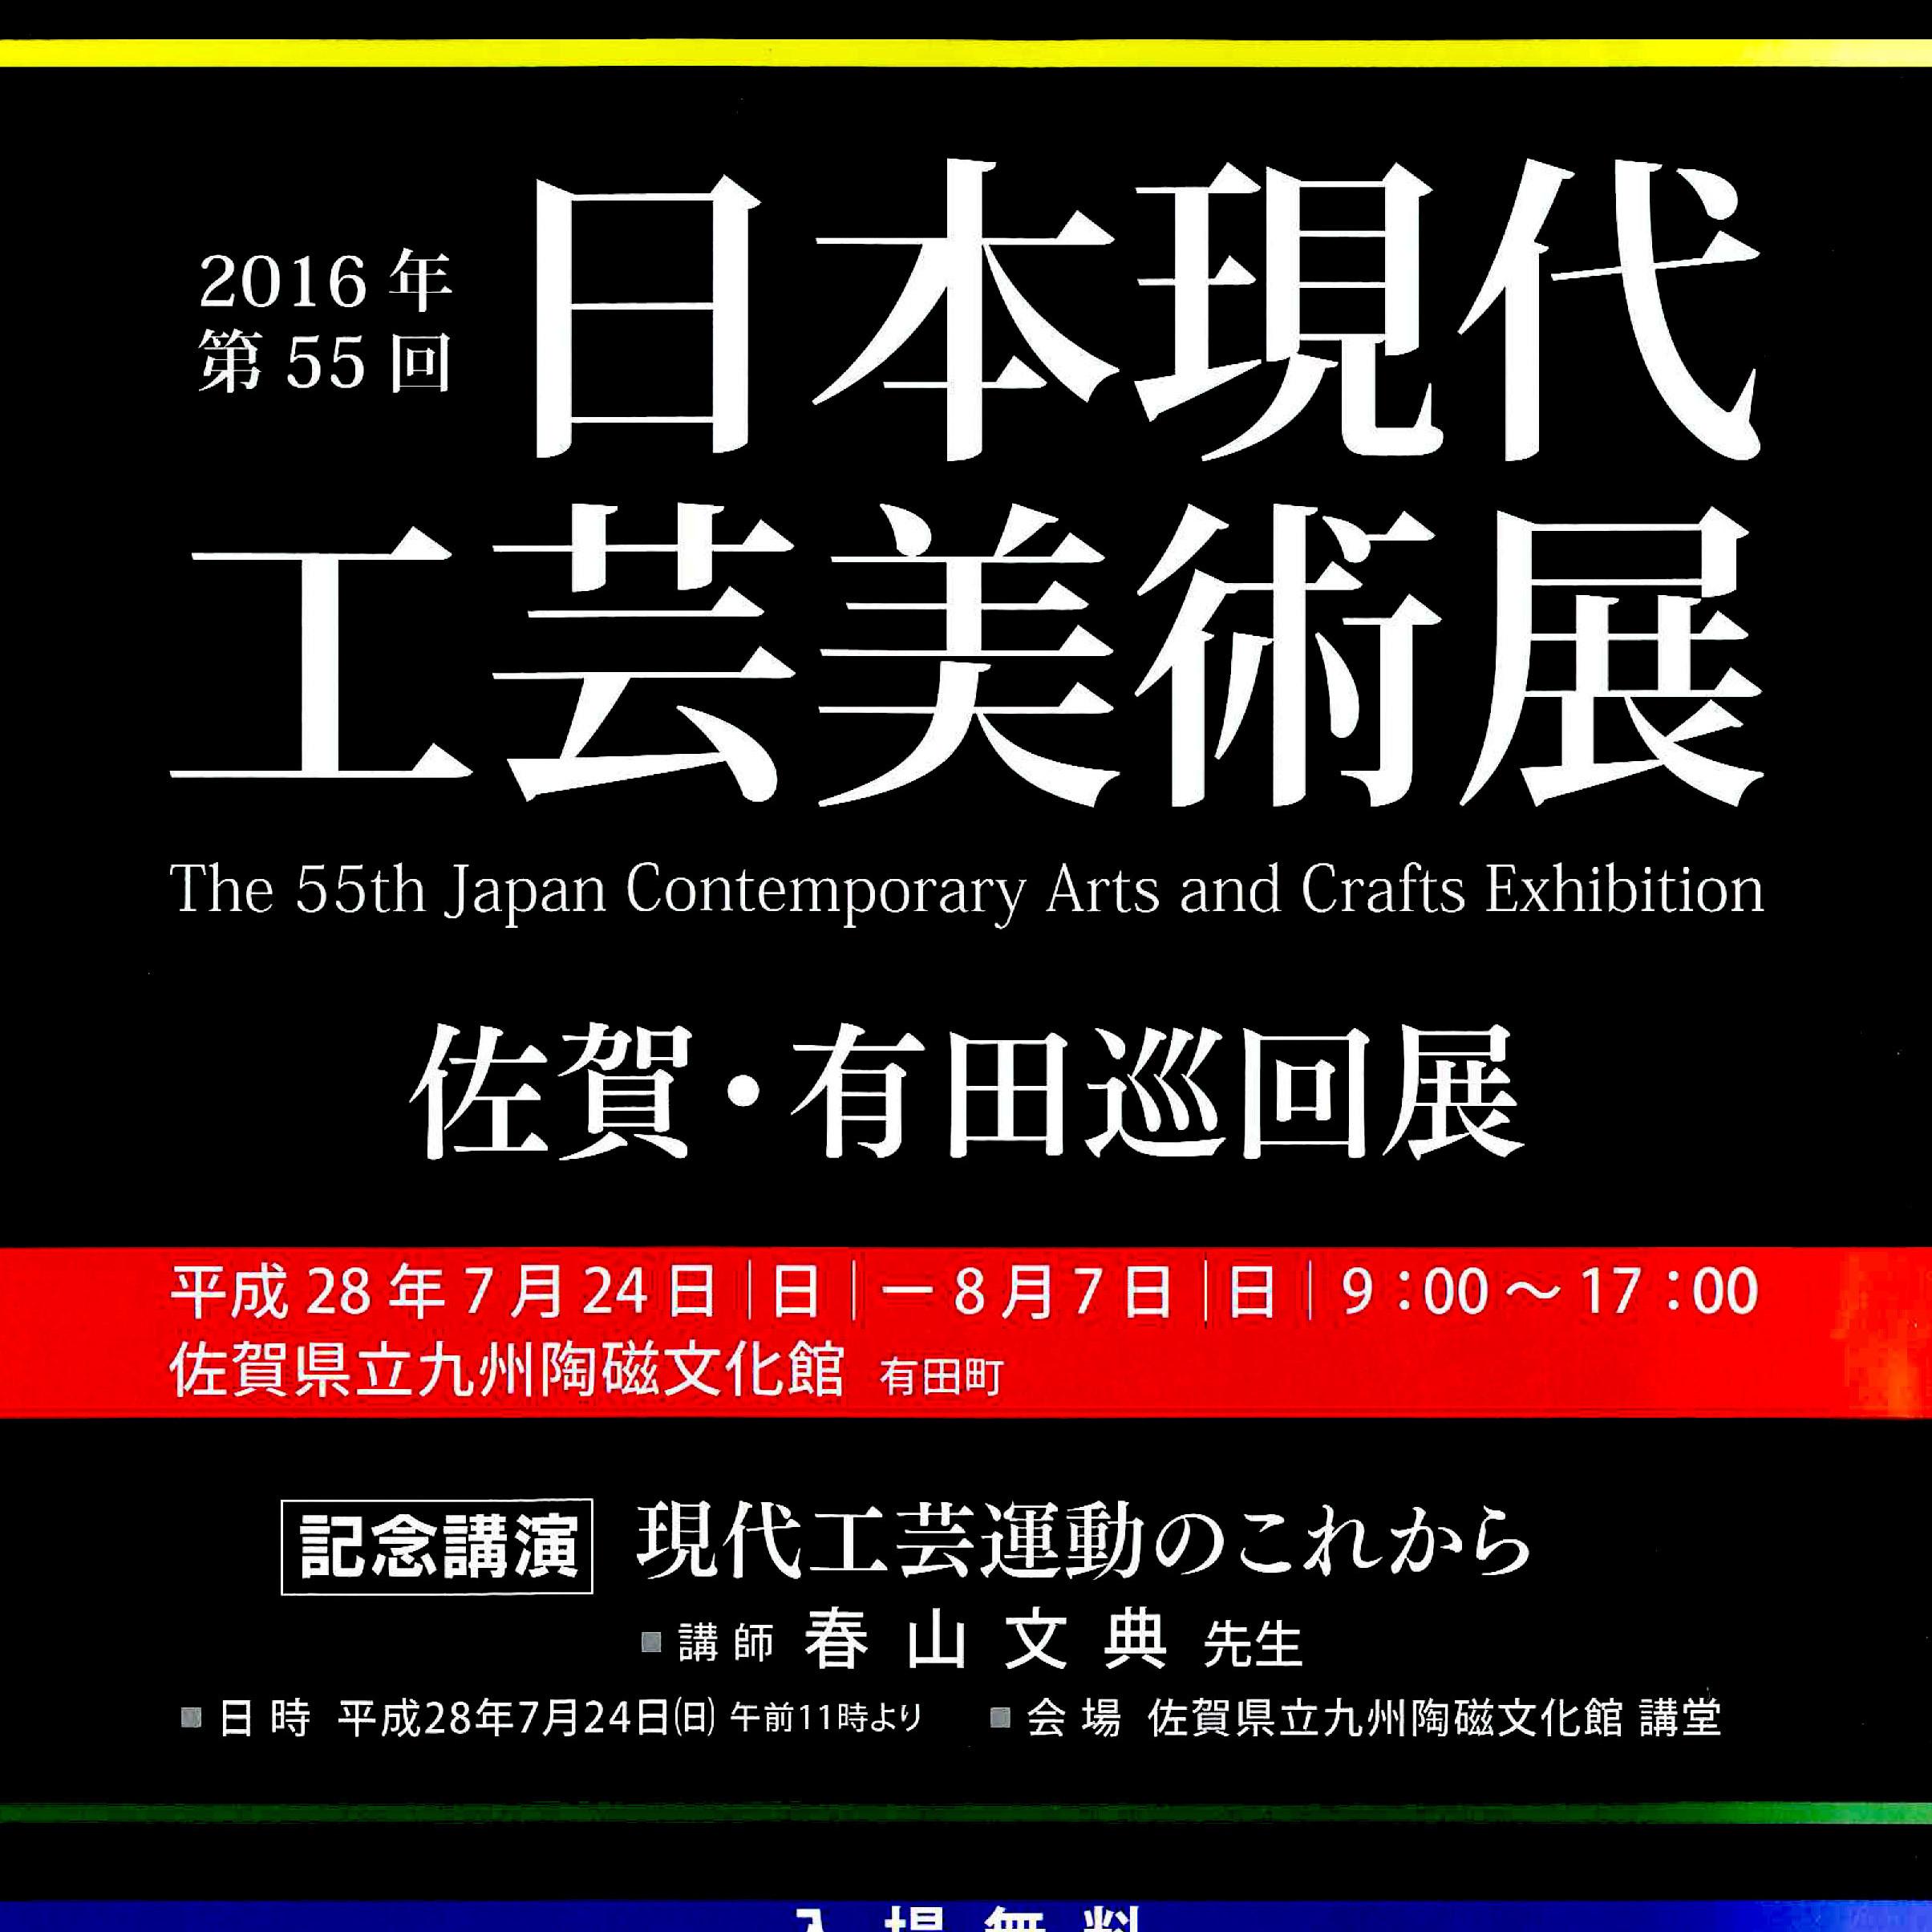 第55回日本現代工芸美術展 佐賀・有田巡回展が開催されます